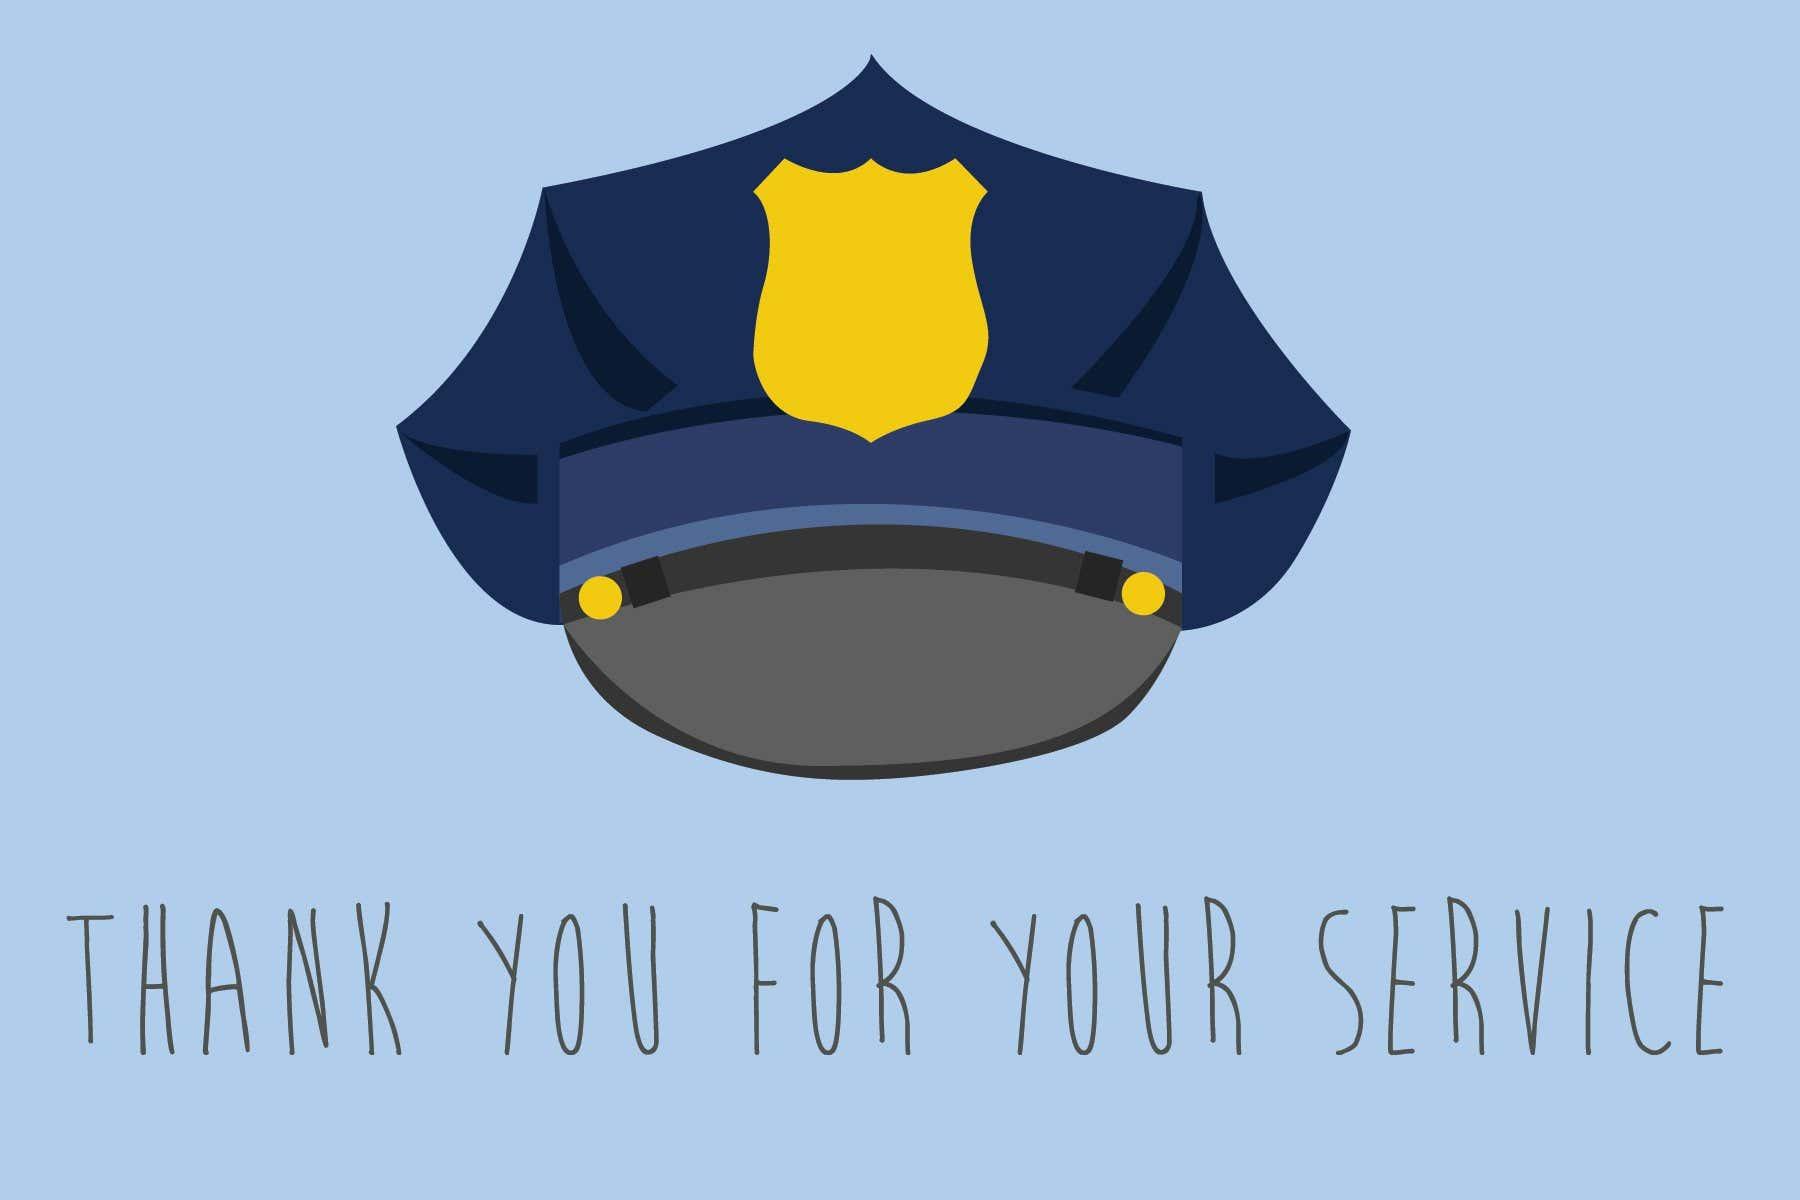 PoliceAppreciationImage